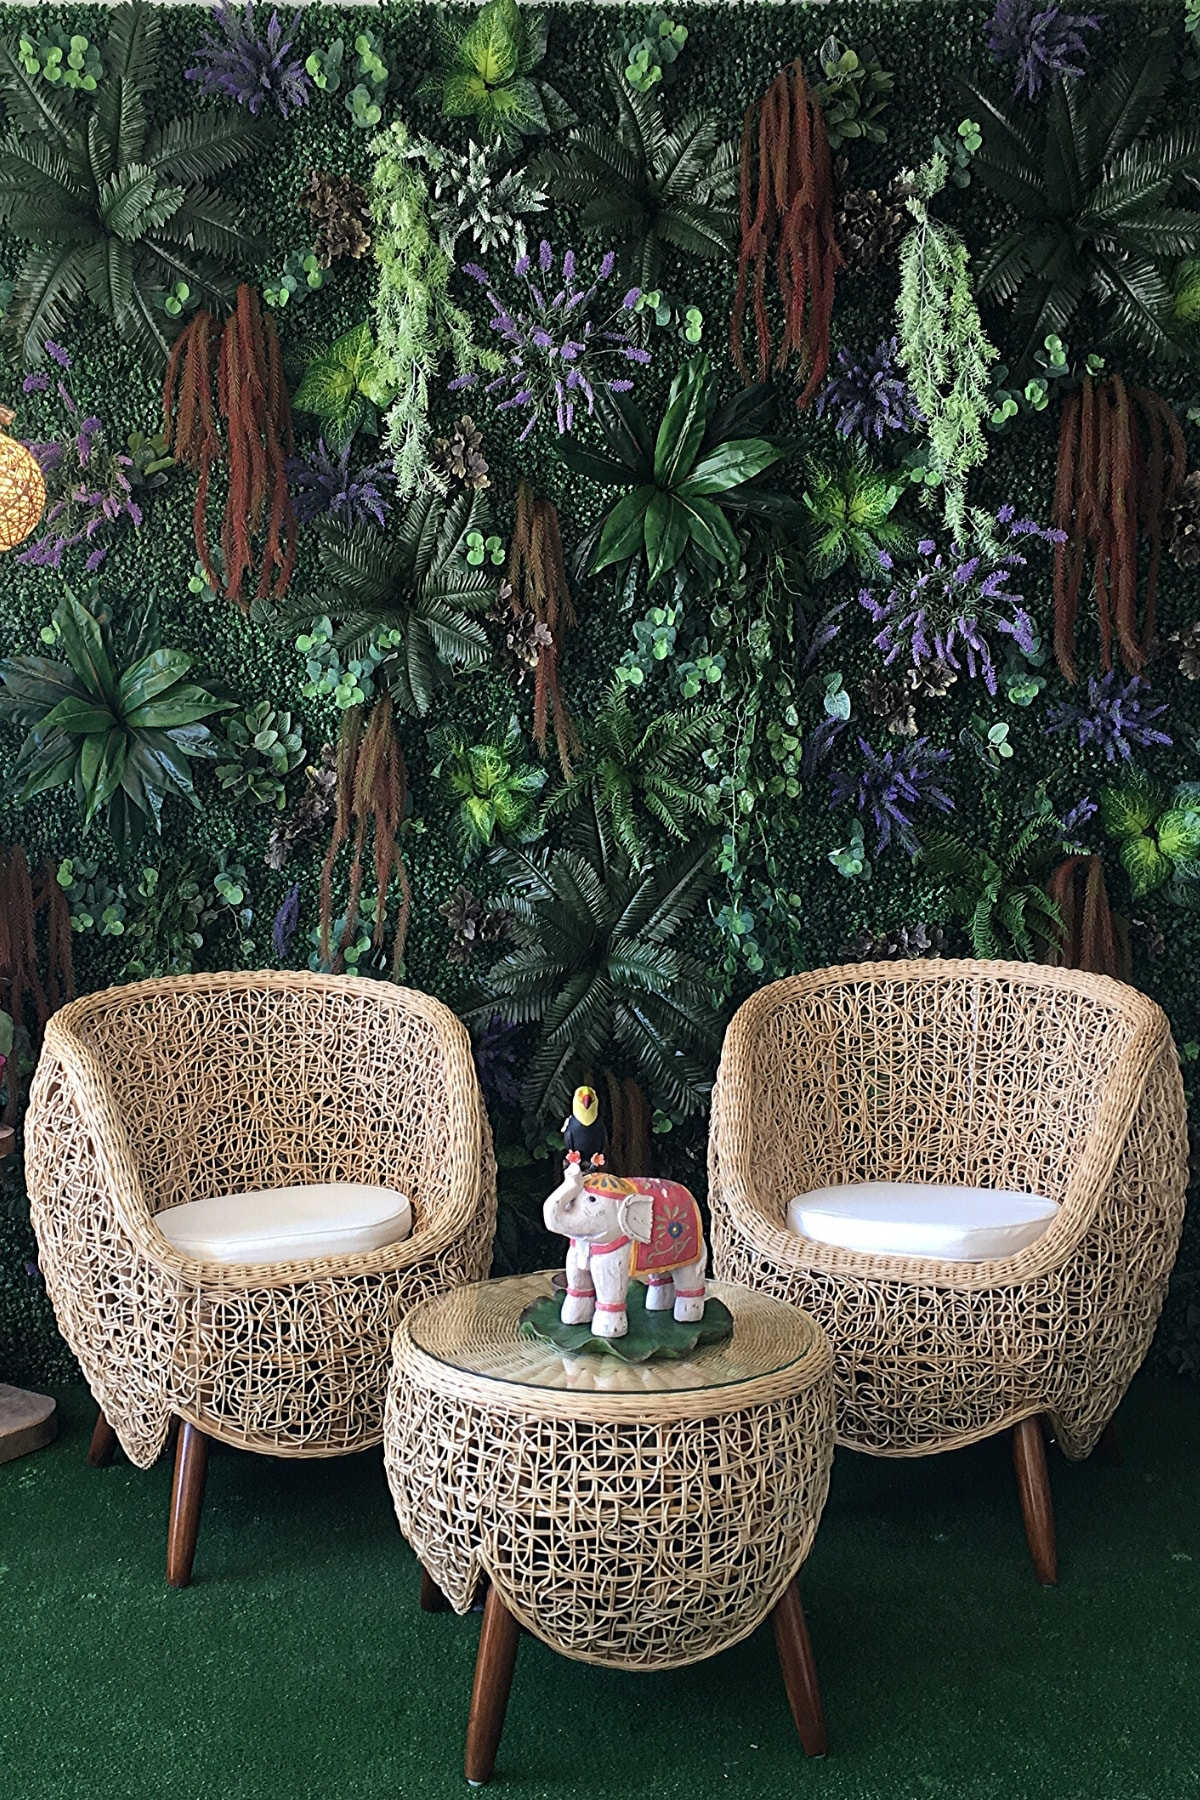 Özel Tasarım Ithal Bambu Bahçe Balkon Keyif Seti (2 Tekli + Sehpa)